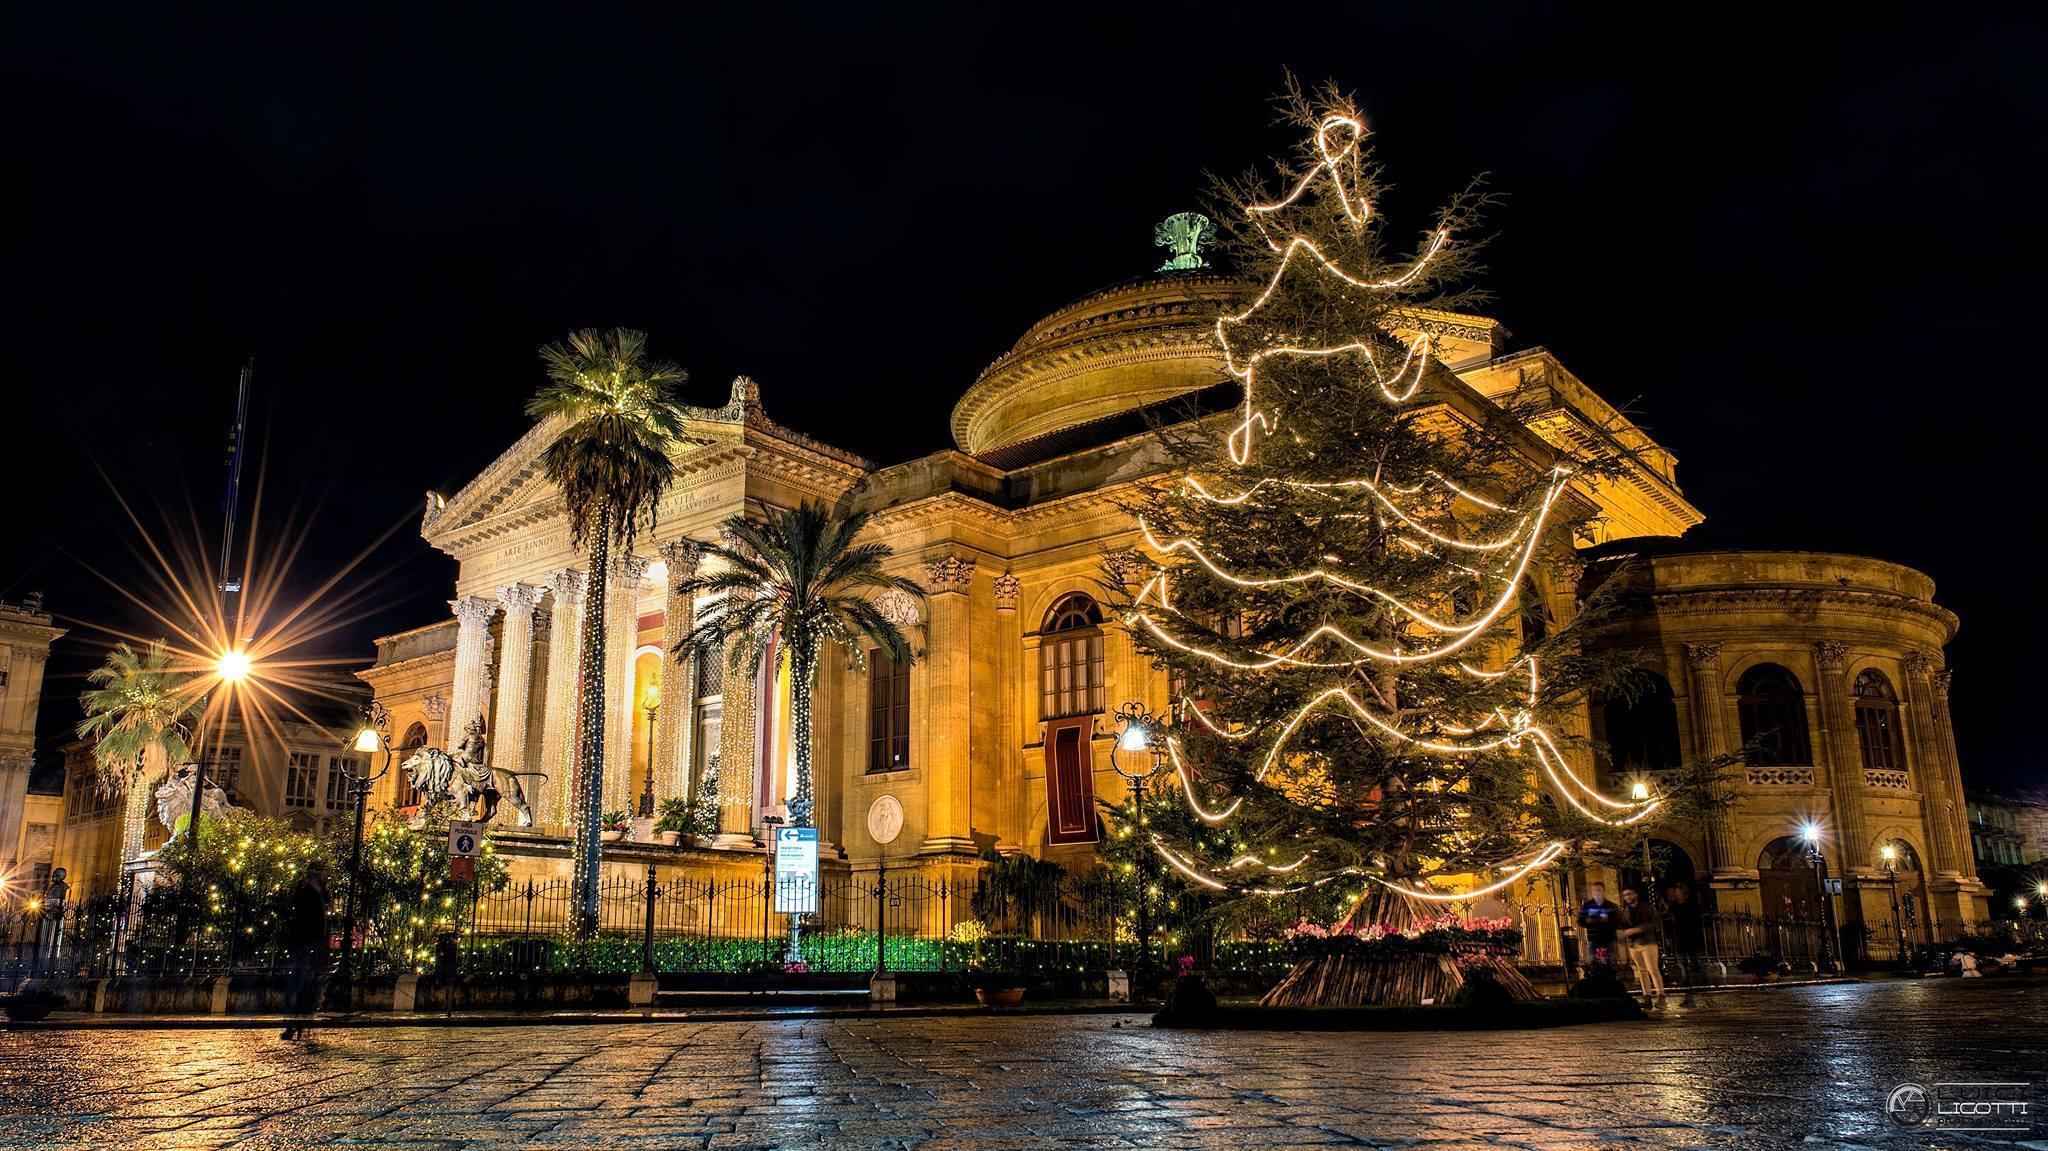 La Sicilia regina delle vacanze di Natale 2019 |  boom di turisti in B&B e Case vacanza